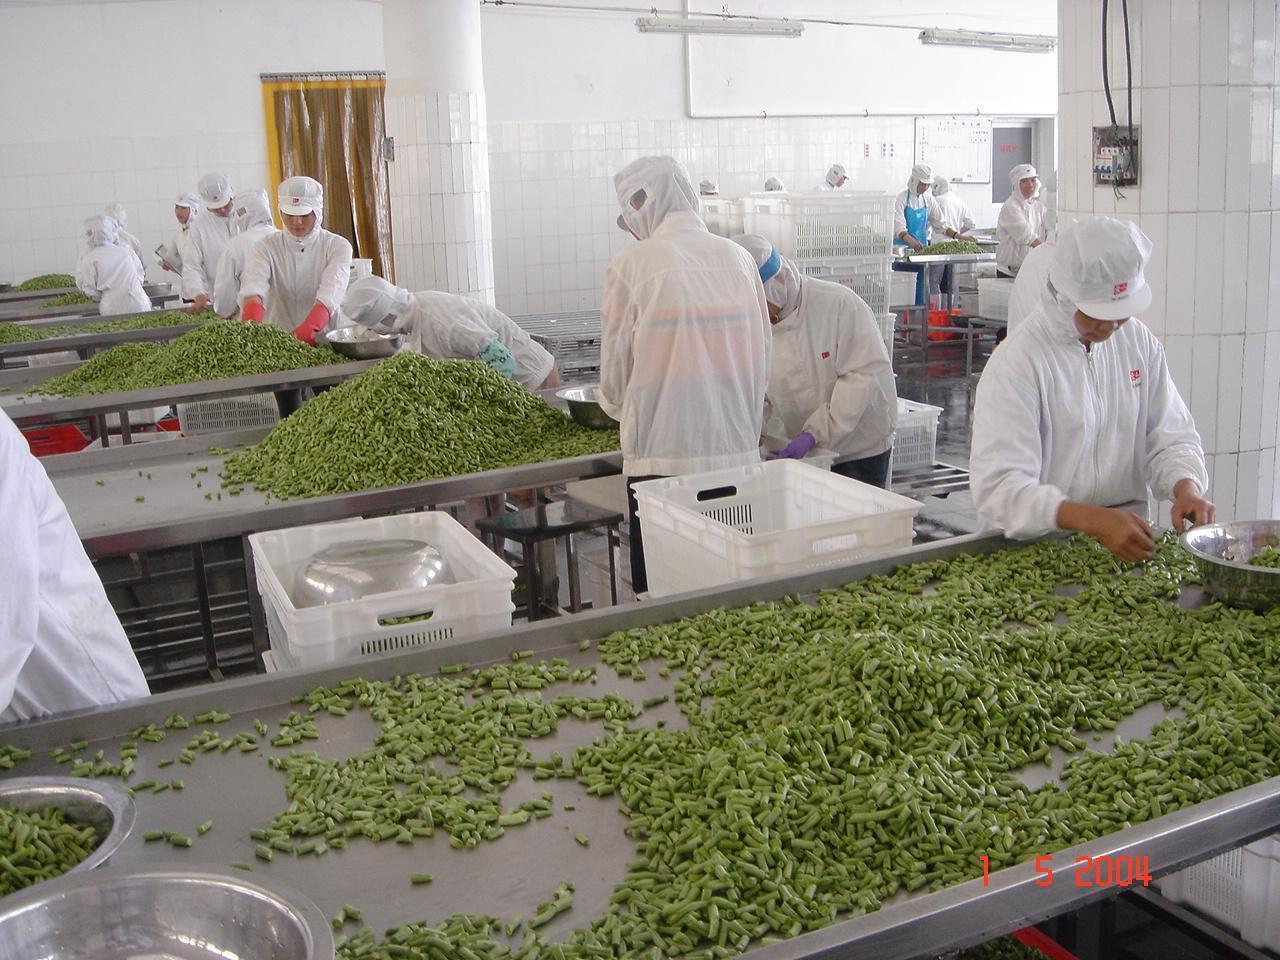 IQF Cut Green Beans,Frozen Cut Green Beans,IQF Green Beans Cuts 16